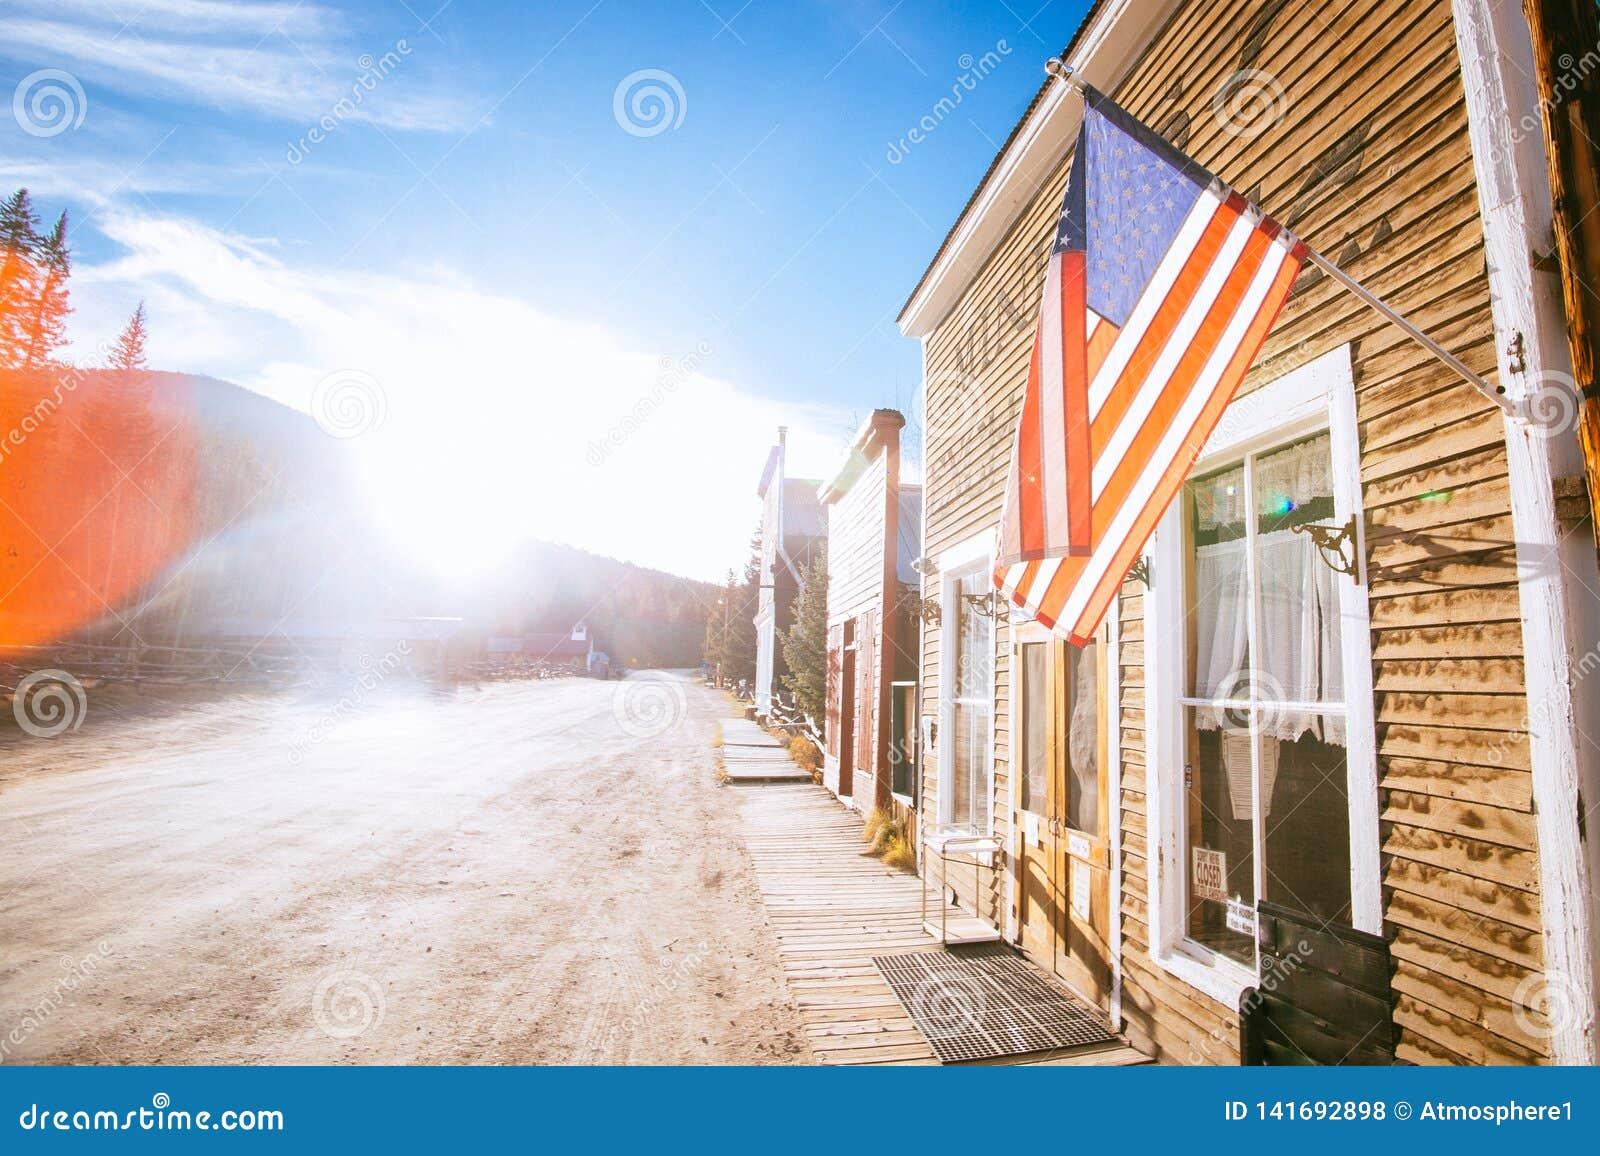 Vecchie costruzioni di legno occidentali con la bandiera degli Stati Uniti, in st Elmo Gold Mine Ghost Town in Colorado, U.S.A.